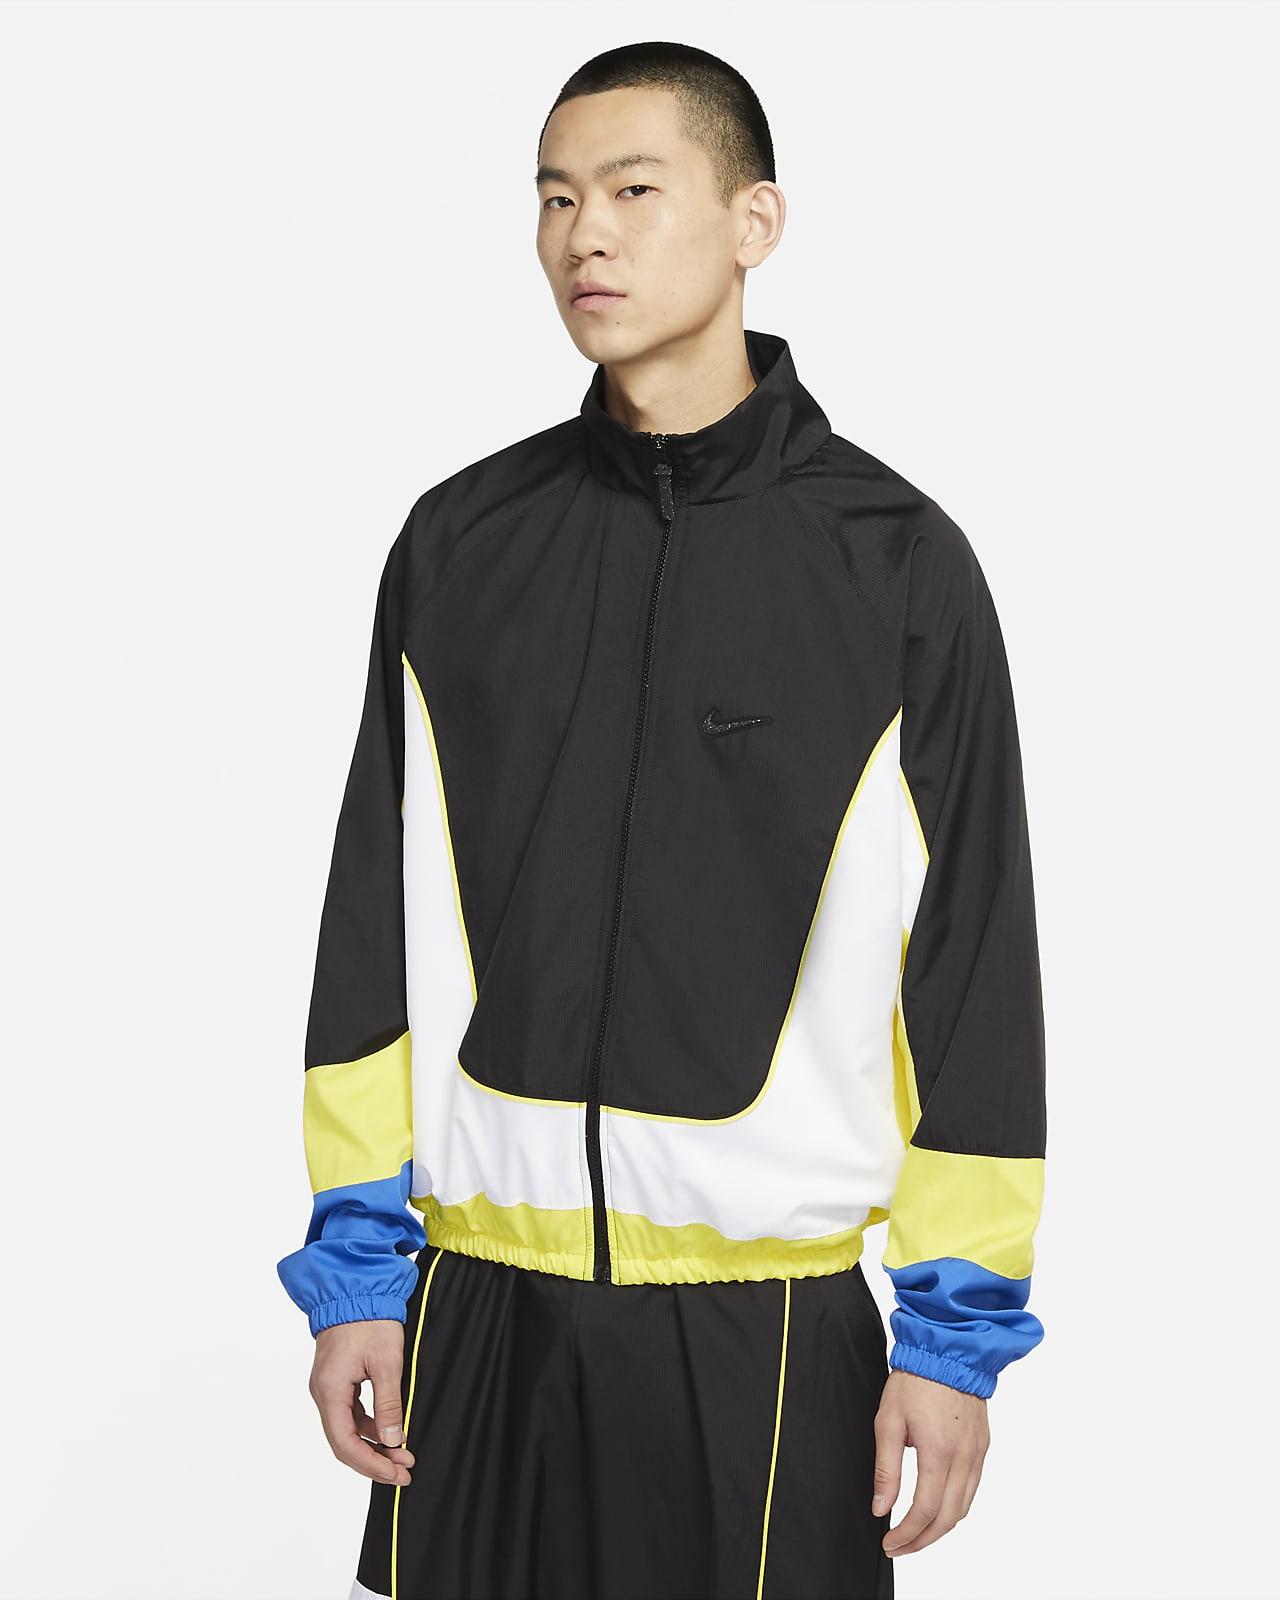 Nike Throwback 男子篮球夹克